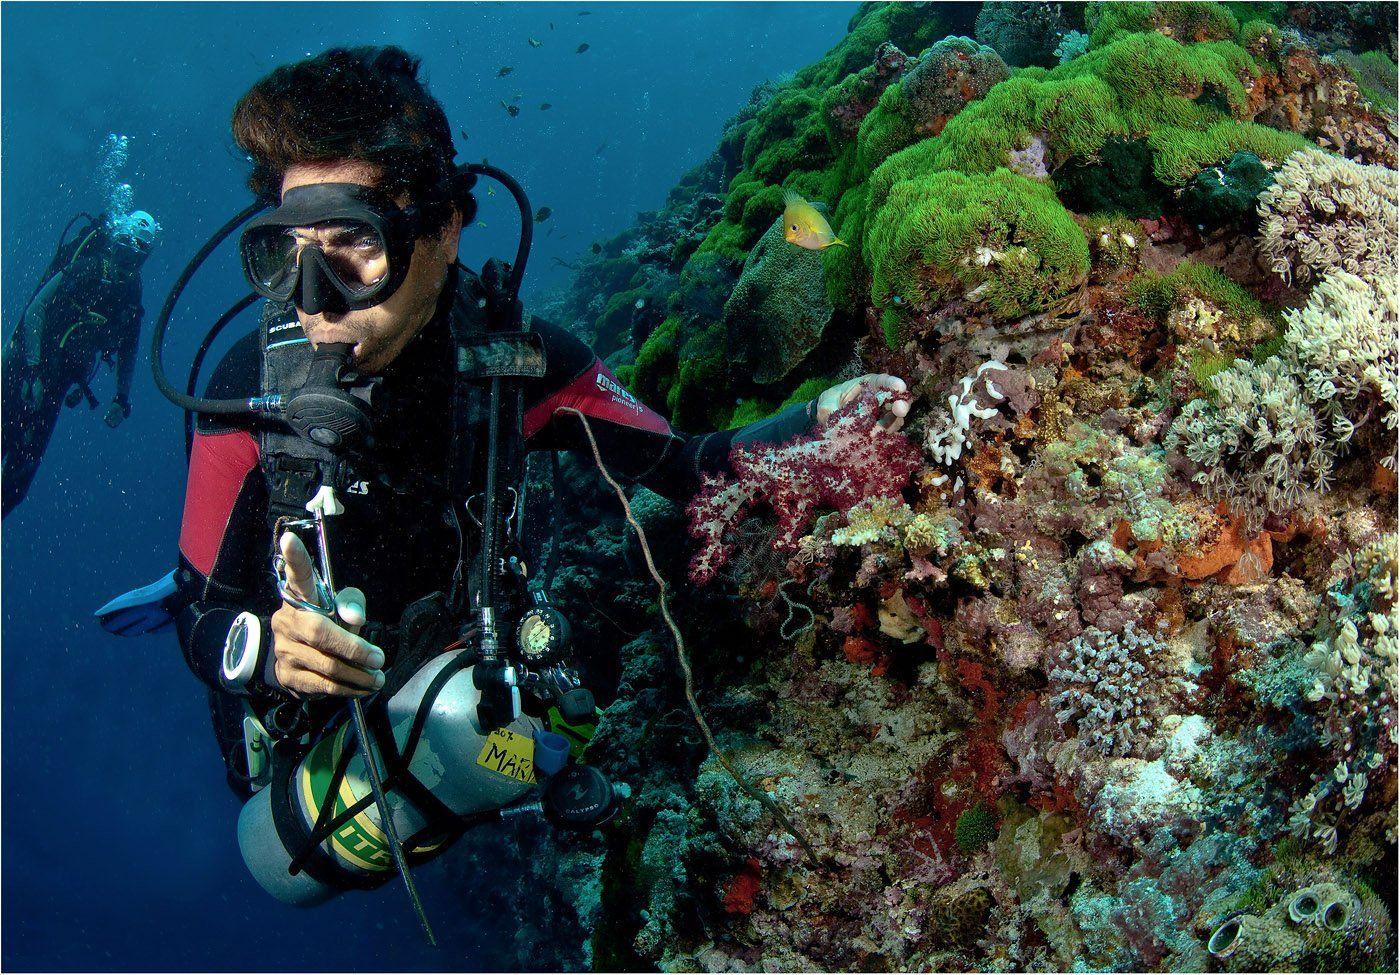 филиппины, остров малапаскуа, апрель 2013, Сергей Гаспарян